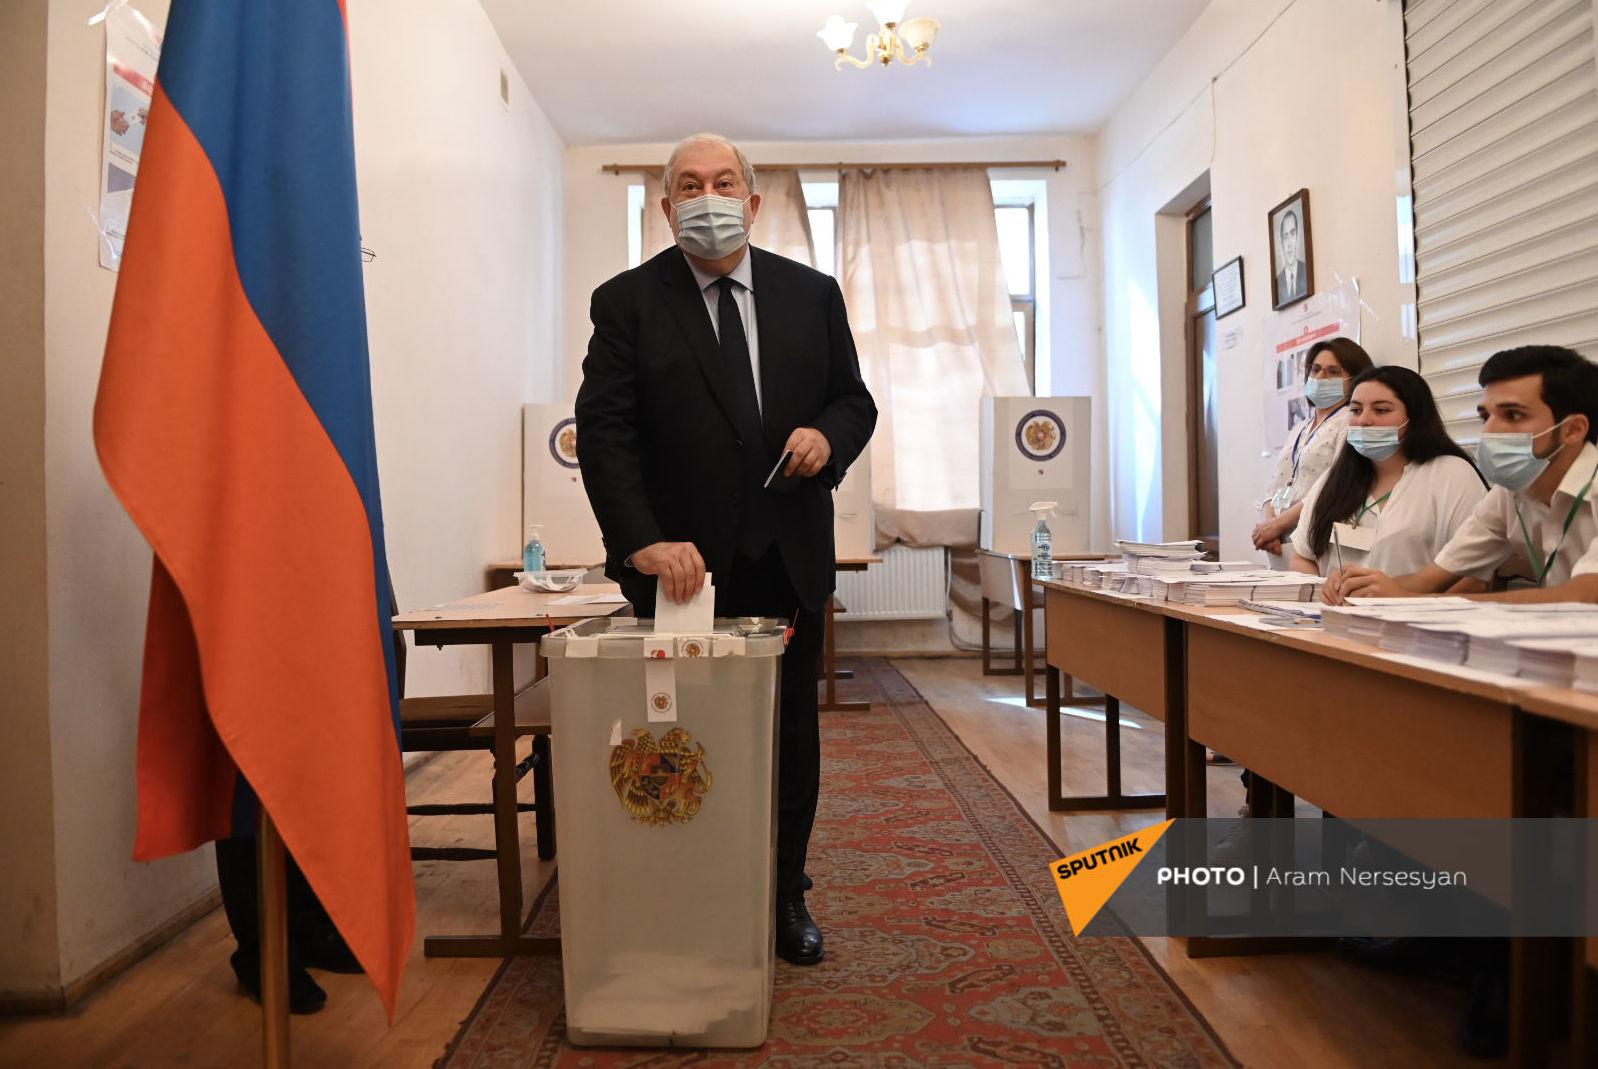 Photo of Նախագահ Արմեն Սարգսյանը կատարեց իր ընտրությունը